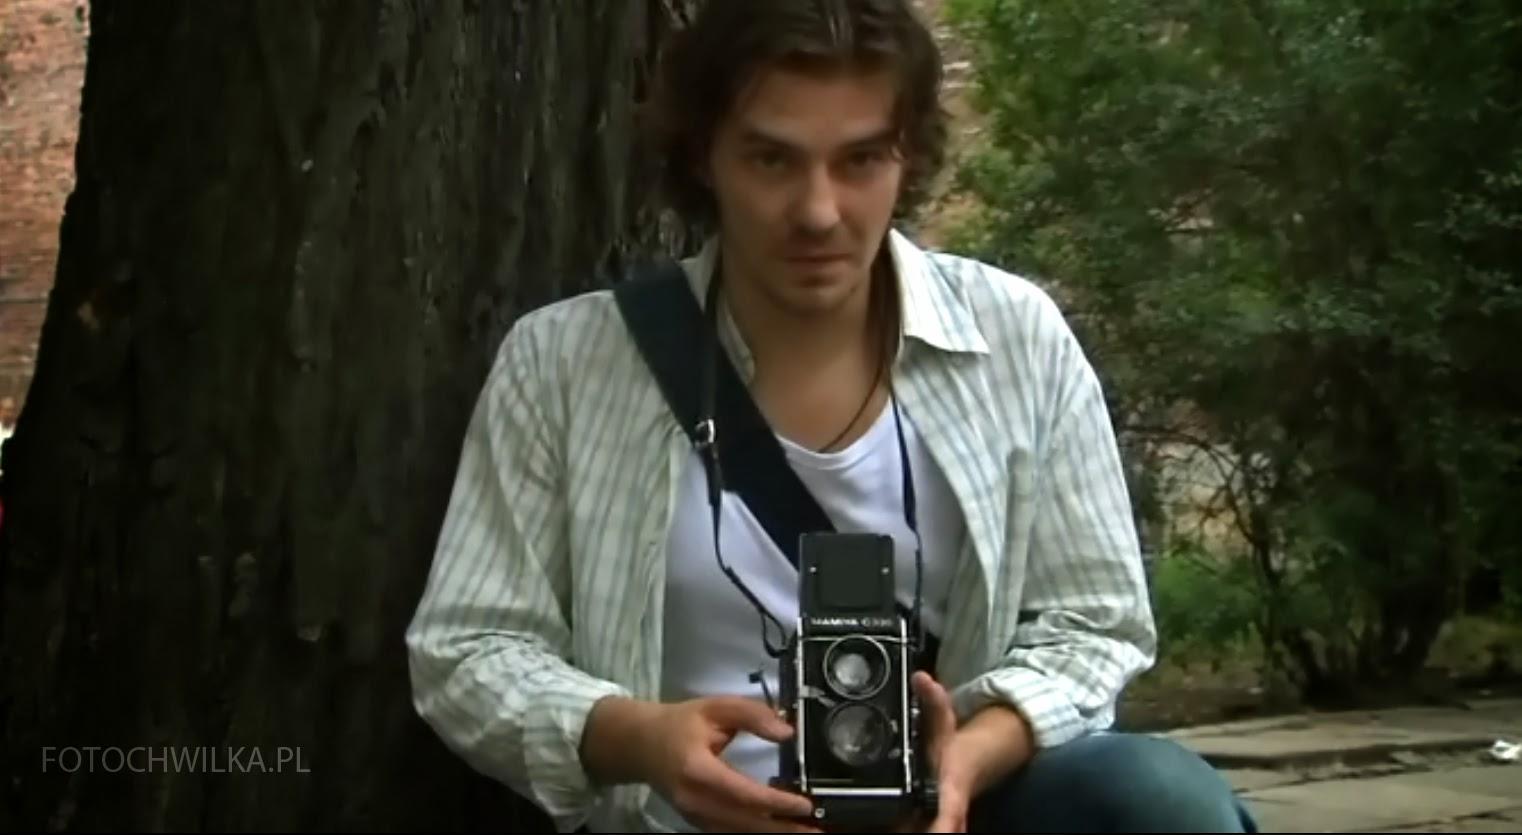 Rezerwat - kadr z filmu. Marcin Kwaśny.